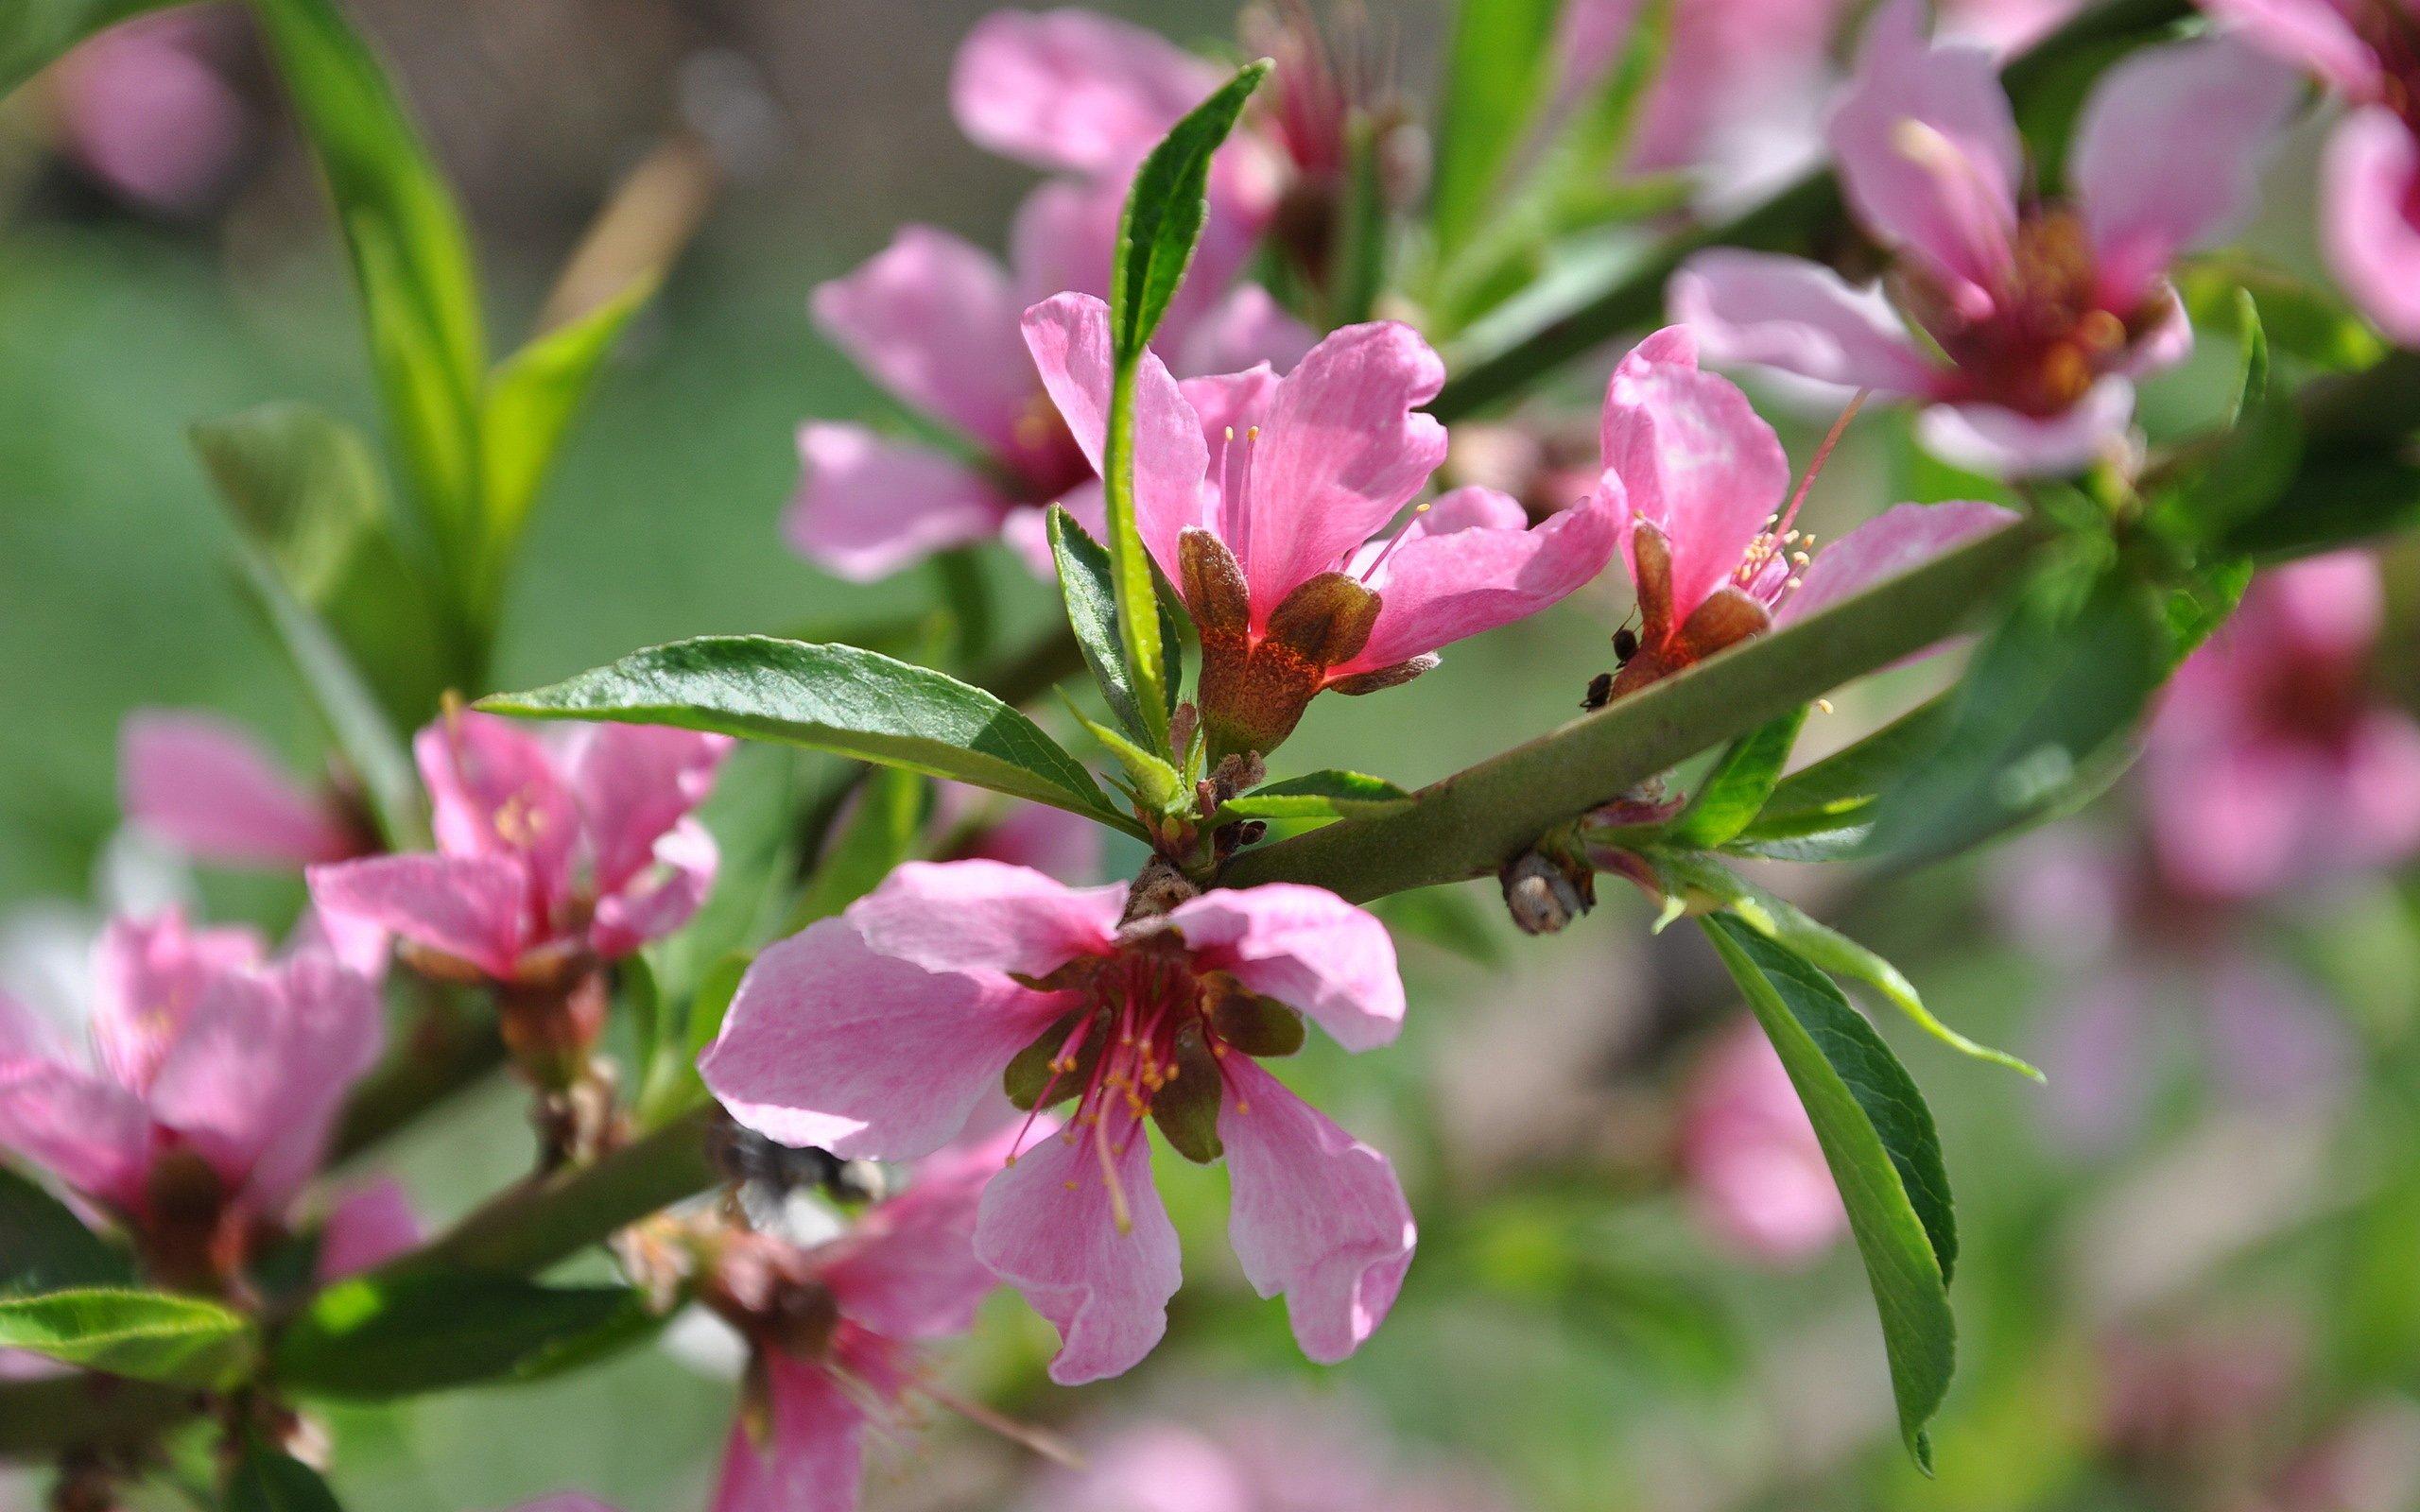 весна, цветение, ветка, дерево, персики, hd обои